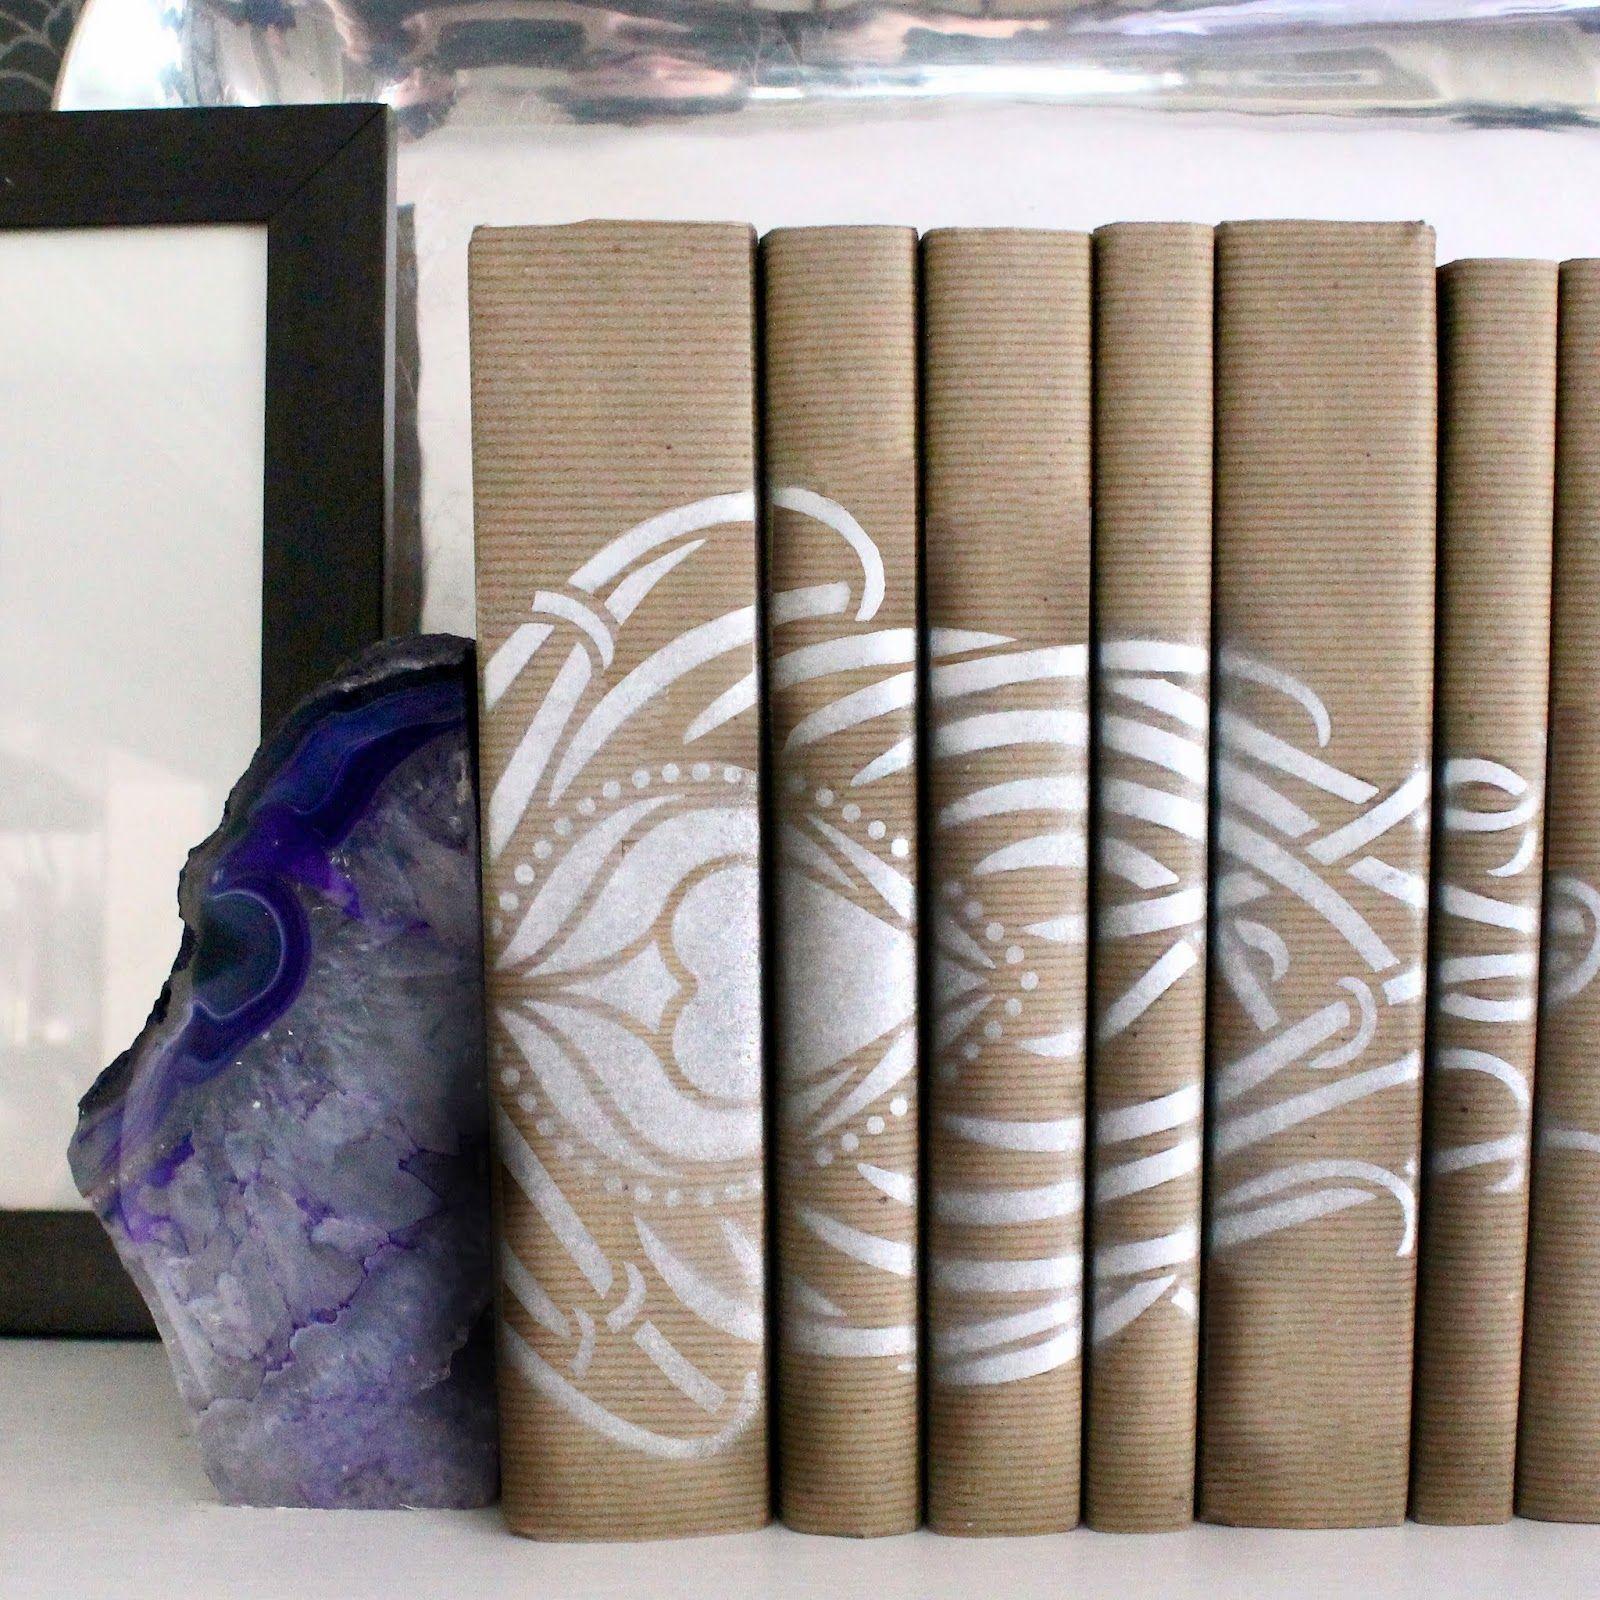 Stenciled Book Spine Art #Book #Cover #Stencil